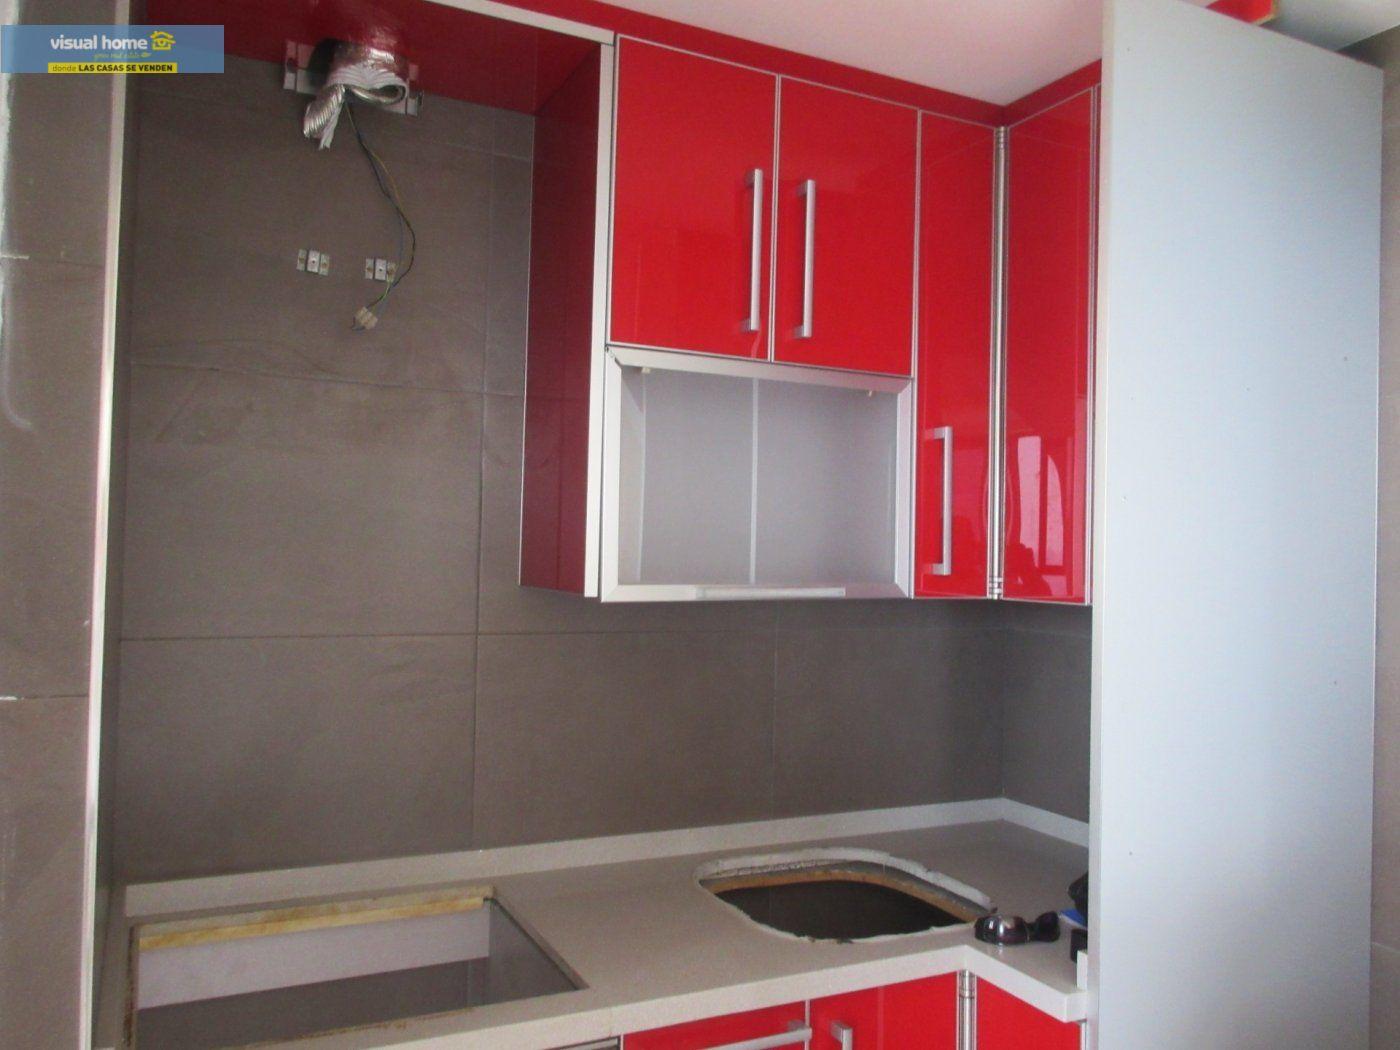 Apartamento de 1 dormitorio con espectaculares vistas  en 1ª linea de playa con parking y piscina 26